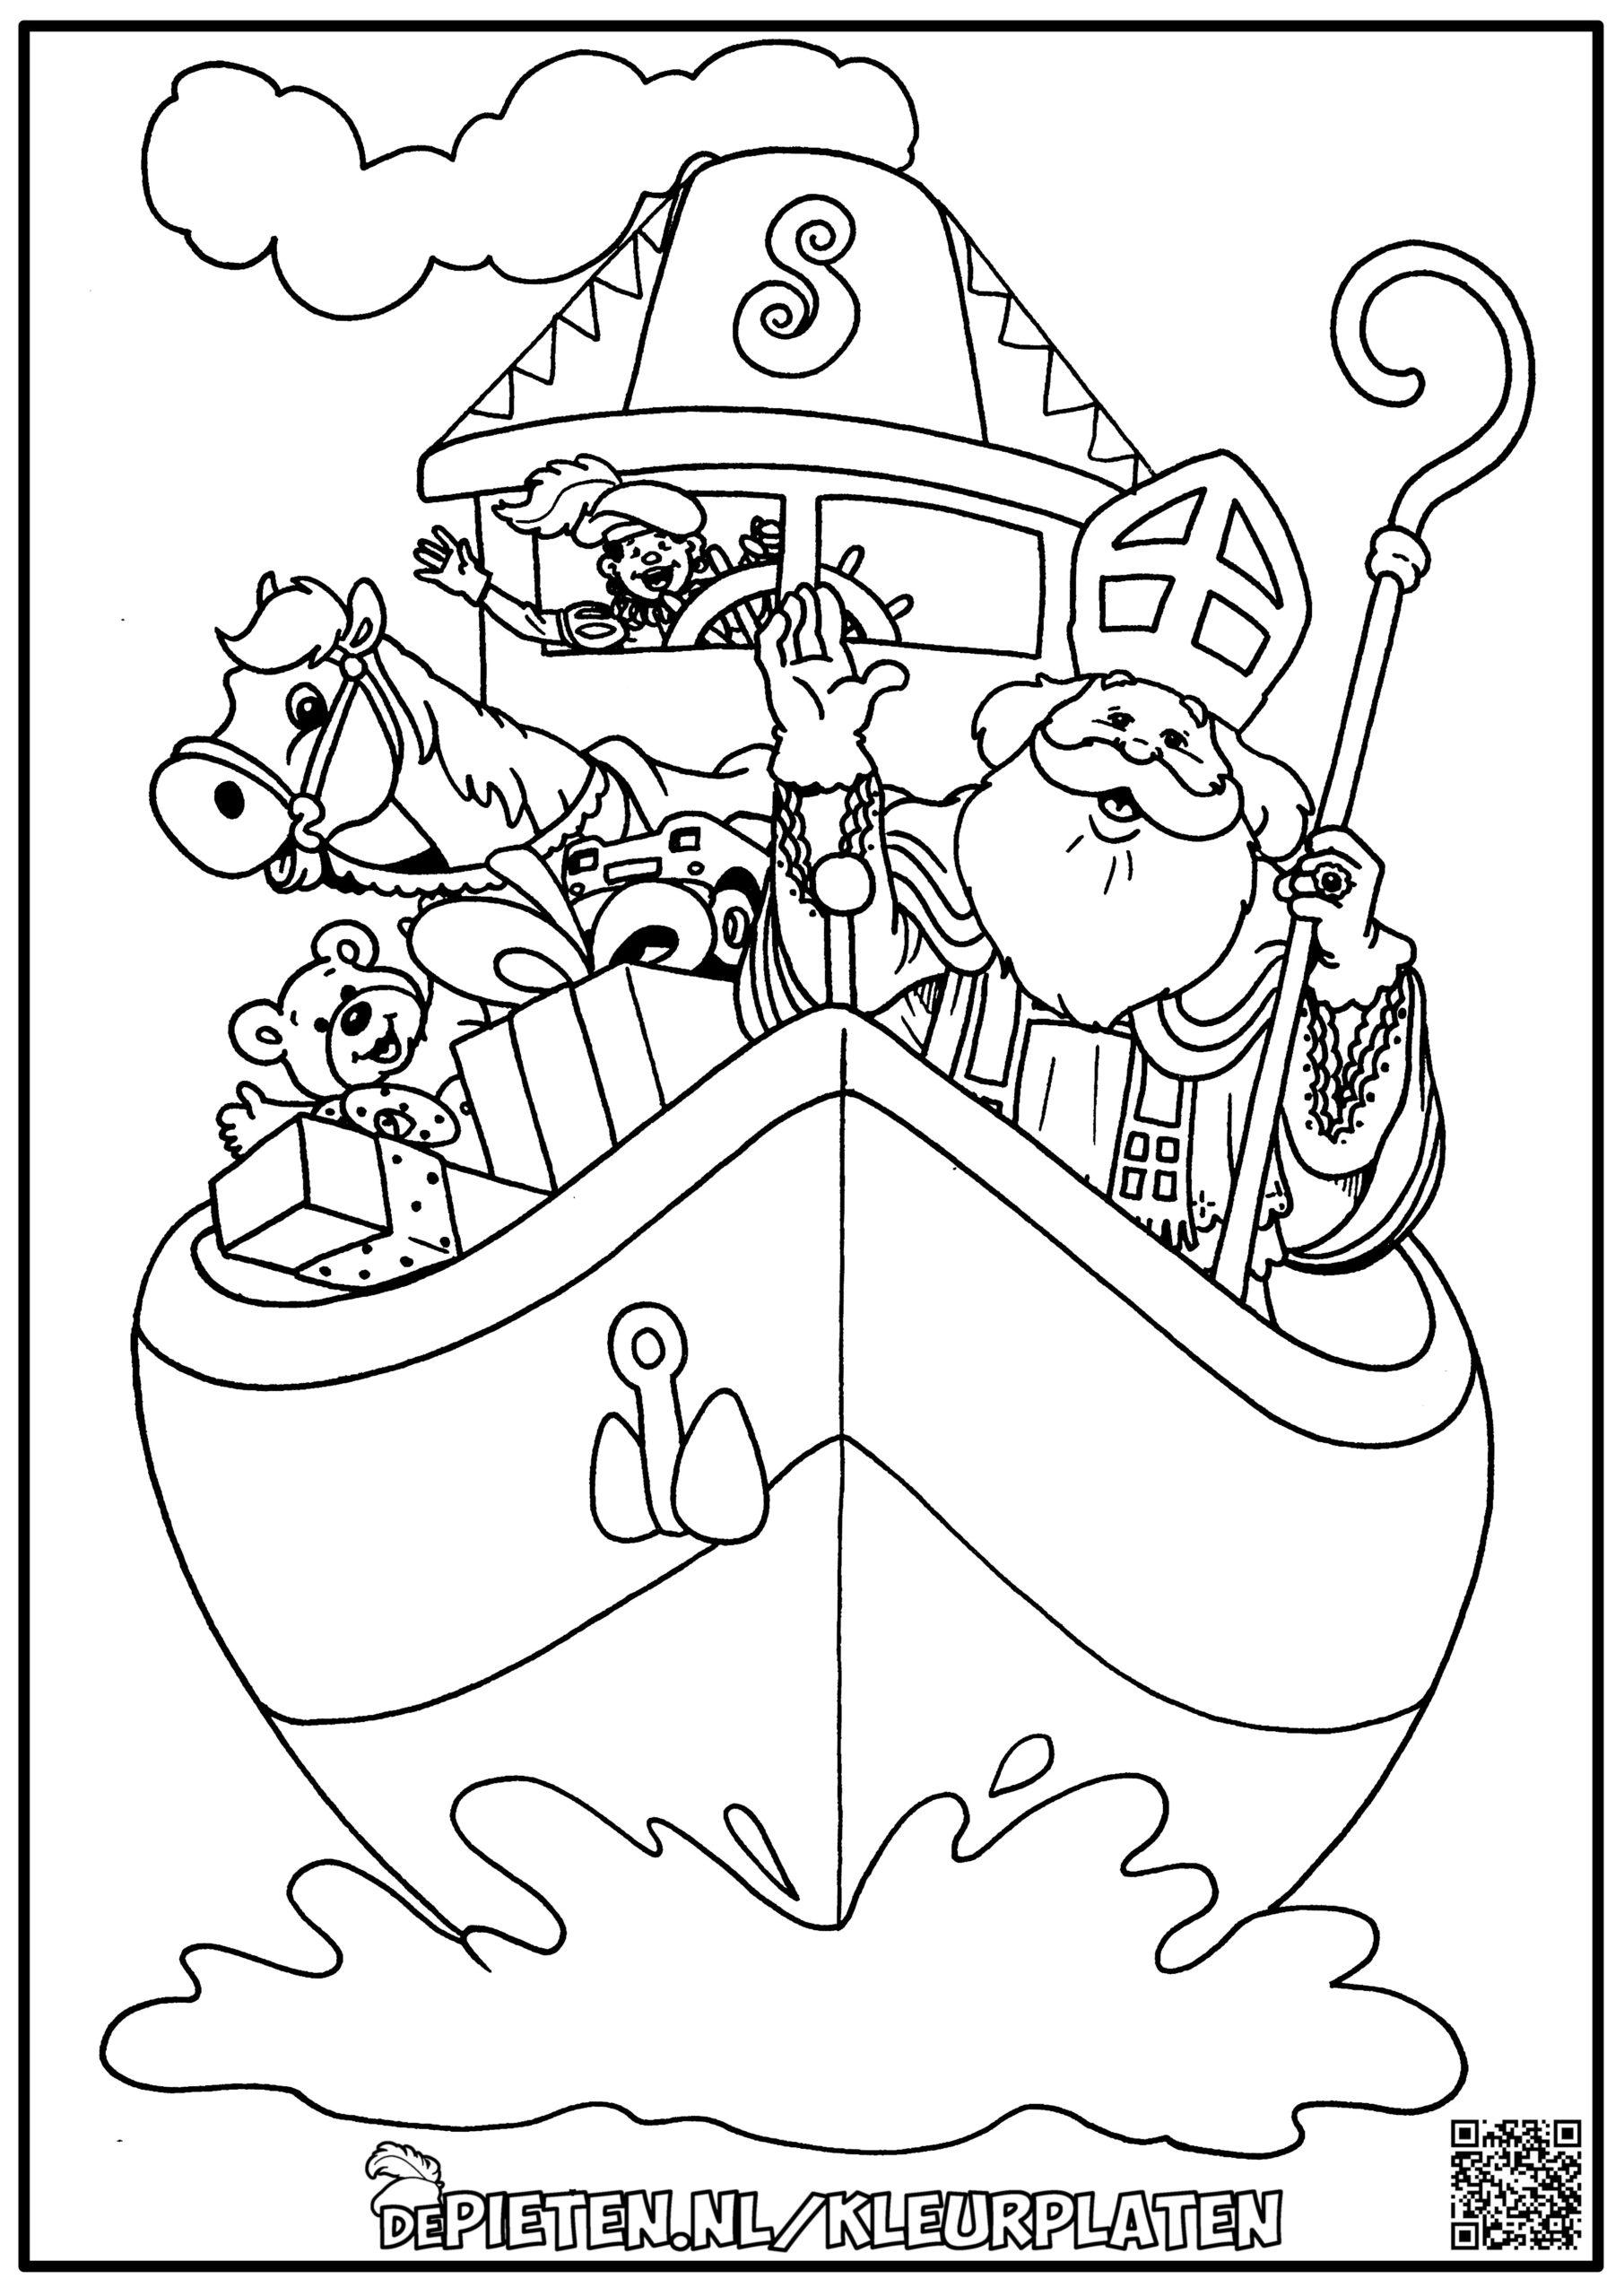 depieten.nl-Kleurplaten-kleuren-Sinterklaas-en-de-pieten-kleuren-Sint-en-piet-stoomboot-cadeautjes-boot-spanje